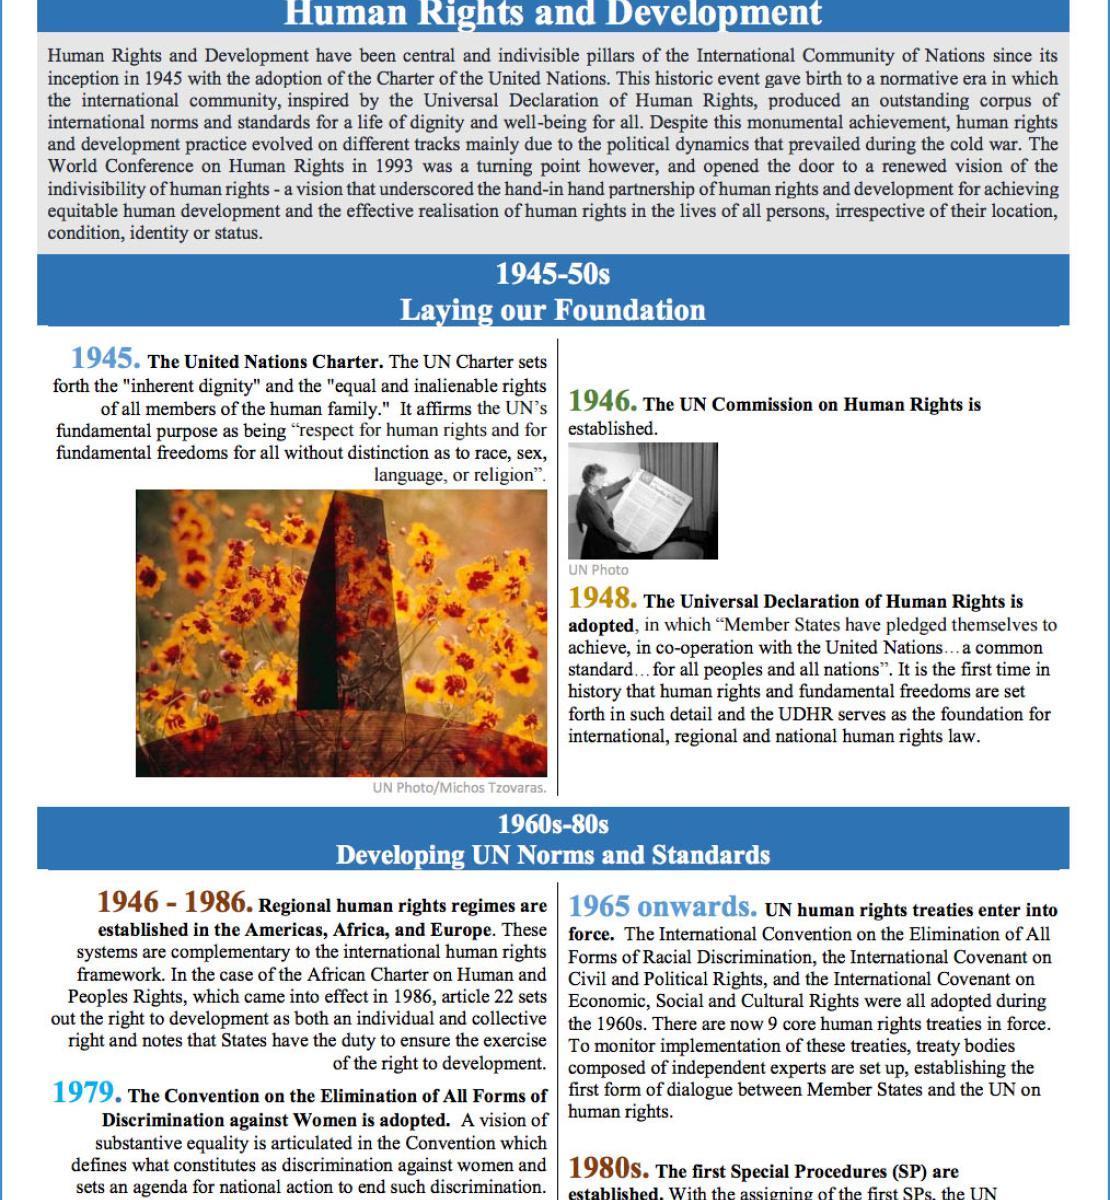 Хронология основных этапов деятельности ООН в областях прав человека и развития